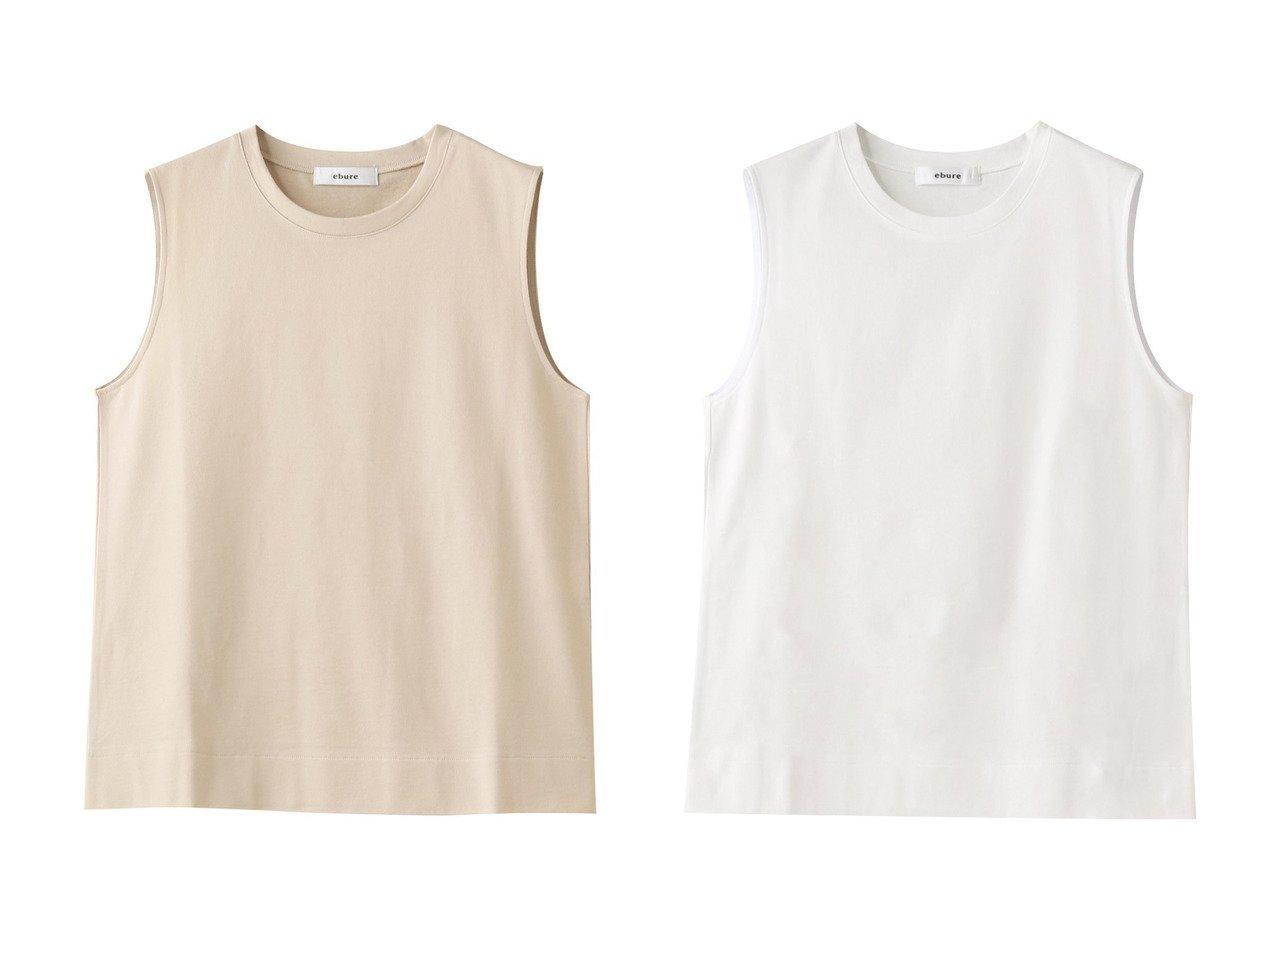 【ebure/エブール】のクールミニパイル ノースリーブカットソー 【トップス・カットソー】おすすめ!人気、トレンド・レディースファッションの通販 おすすめファッション通販アイテム インテリア・キッズ・メンズ・レディースファッション・服の通販 founy(ファニー)  ファッション Fashion レディースファッション WOMEN トップス・カットソー Tops/Tshirt キャミソール / ノースリーブ No Sleeves シャツ/ブラウス Shirts/Blouses ロング / Tシャツ T-Shirts カットソー Cut and Sewn カットソー キャミソール シルケット タンク フォルム ベーシック ホワイト系 White イエロー系 Yellow ブラック系 Black |ID:crp329100000037718